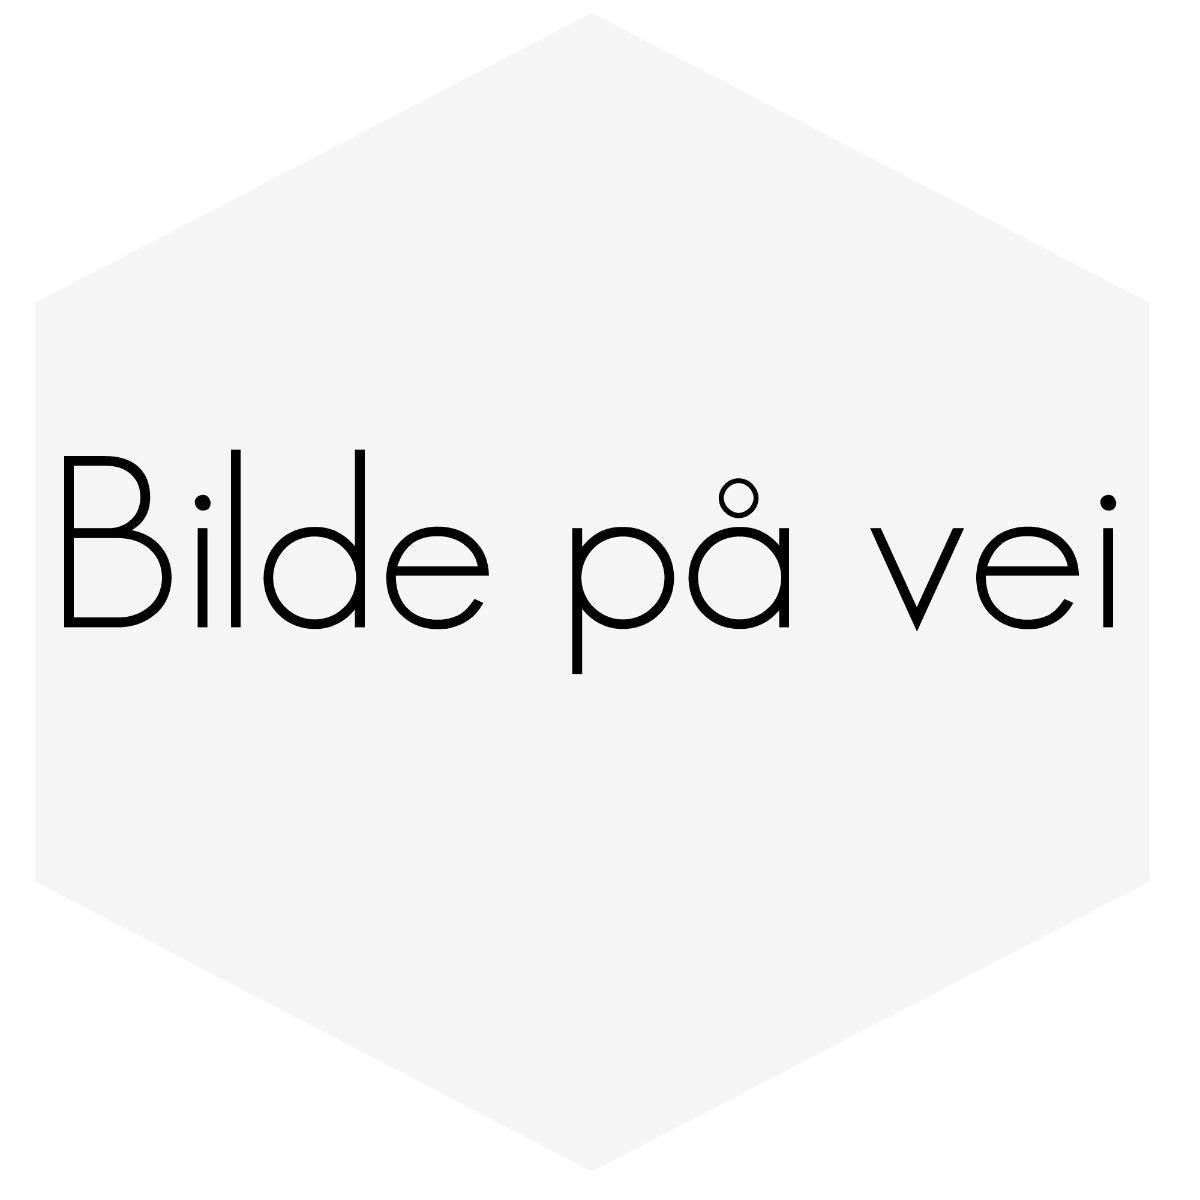 TOPPLOKK PINNBULTSATS VOLVO 16v B234/204 12-9 KVALITET